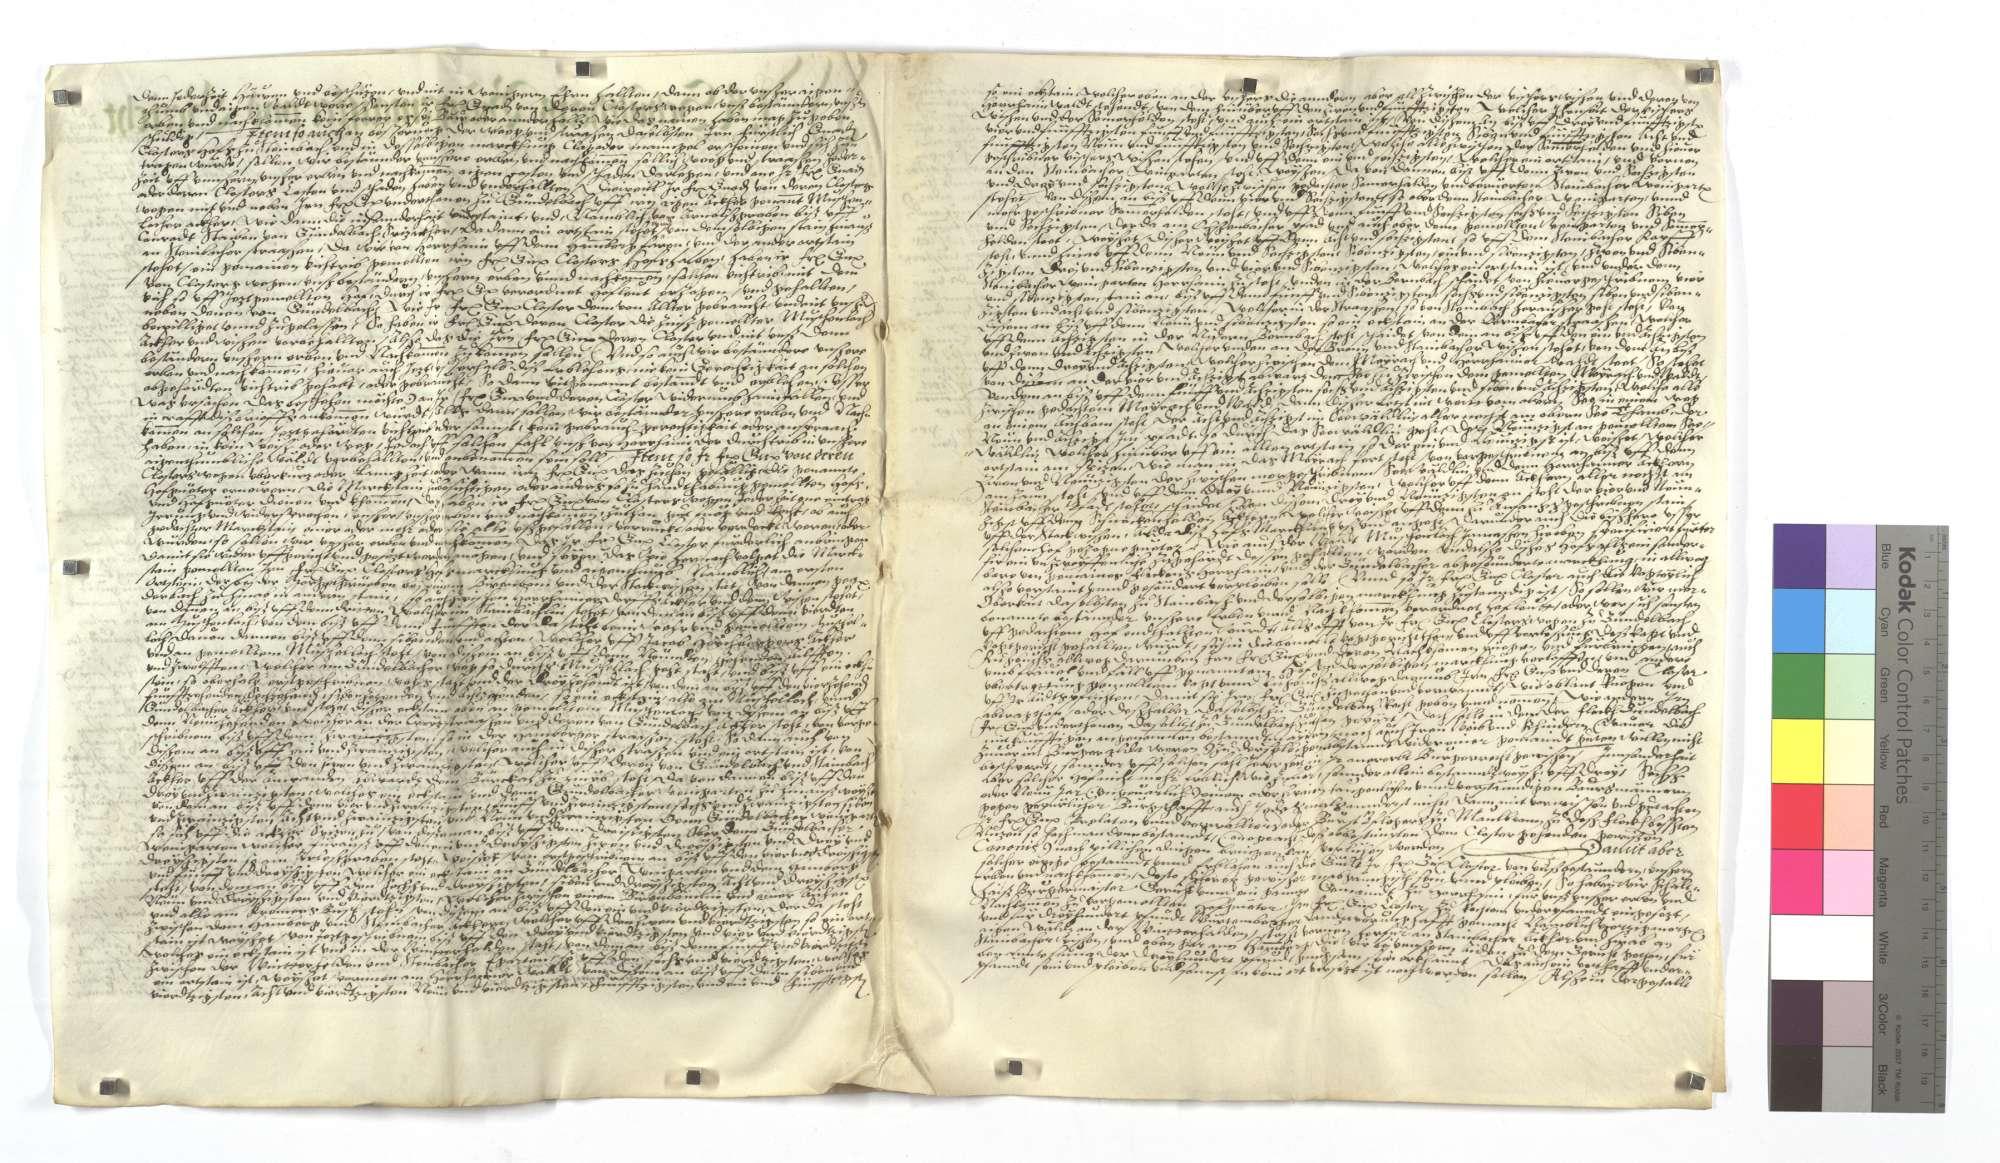 Lehensbrief der Kommune Horrheim um des Klosters Maulbronn eigentümlichen Hof Steinbach mit dazugehörigem Zubehör (cum pertinentiis)., Bild 3